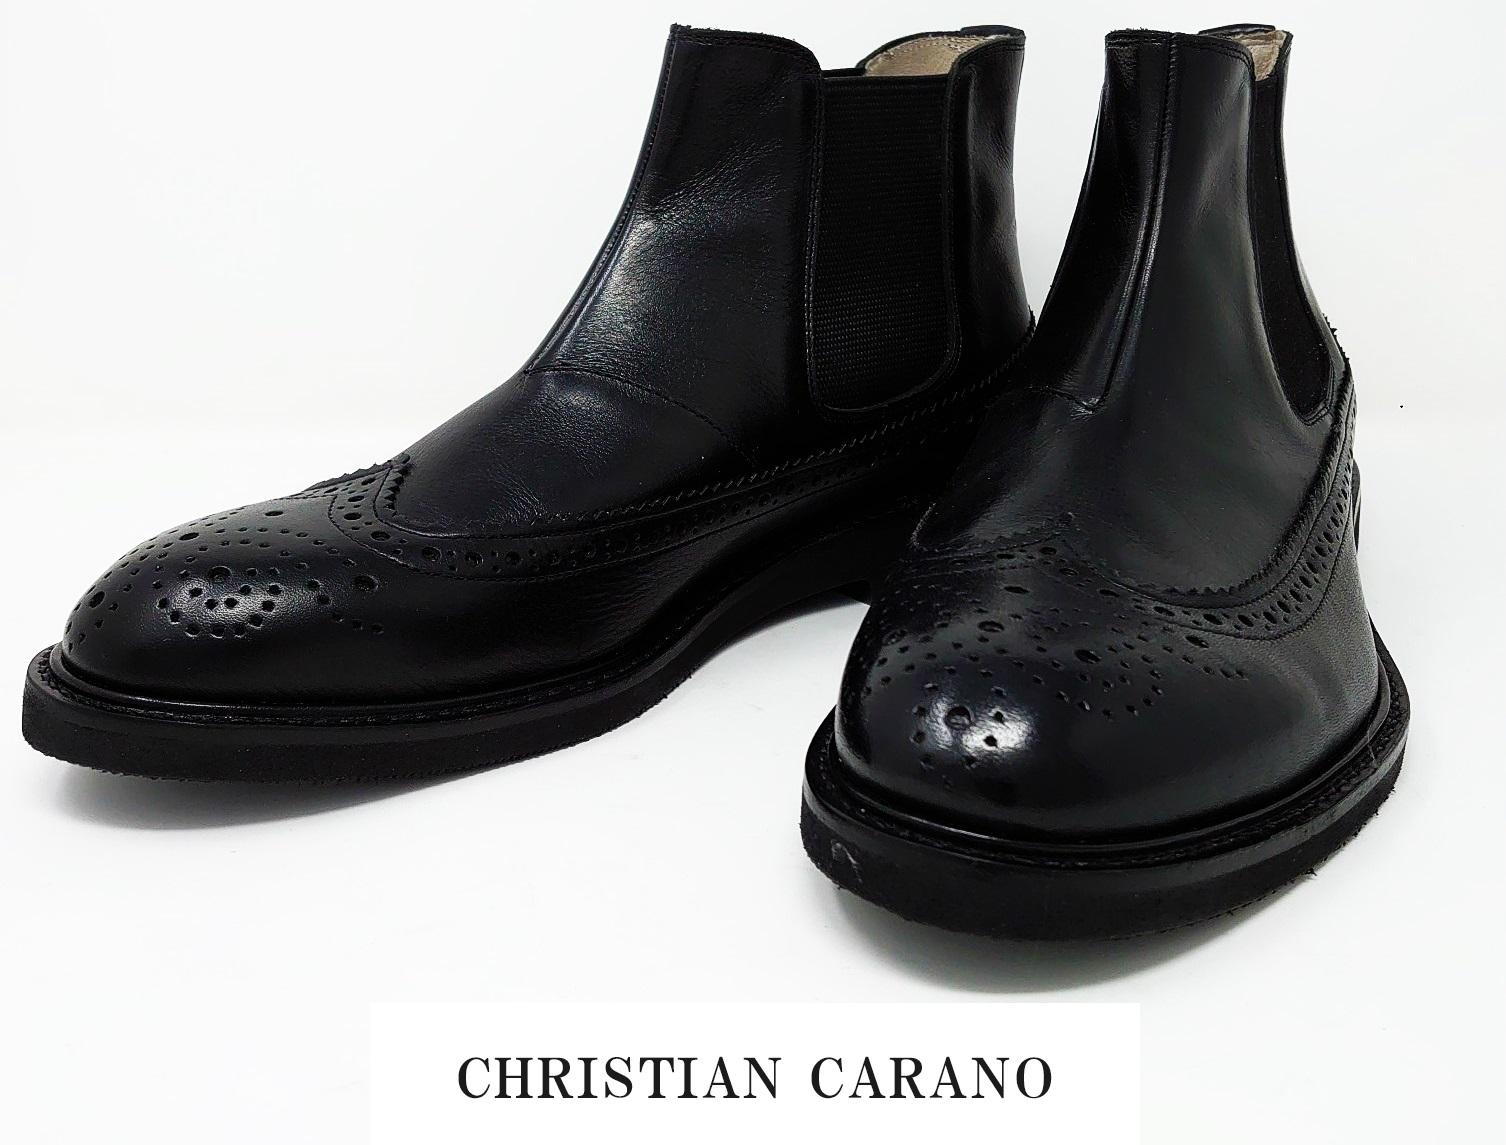 1点物 日本製 本革 サイドゴアブーツ メンズ ドレス ビジネスシューズ ウイングチップ パーフォレーション 3E 撥水加工 Christian Carano - クリスチャンカラノ